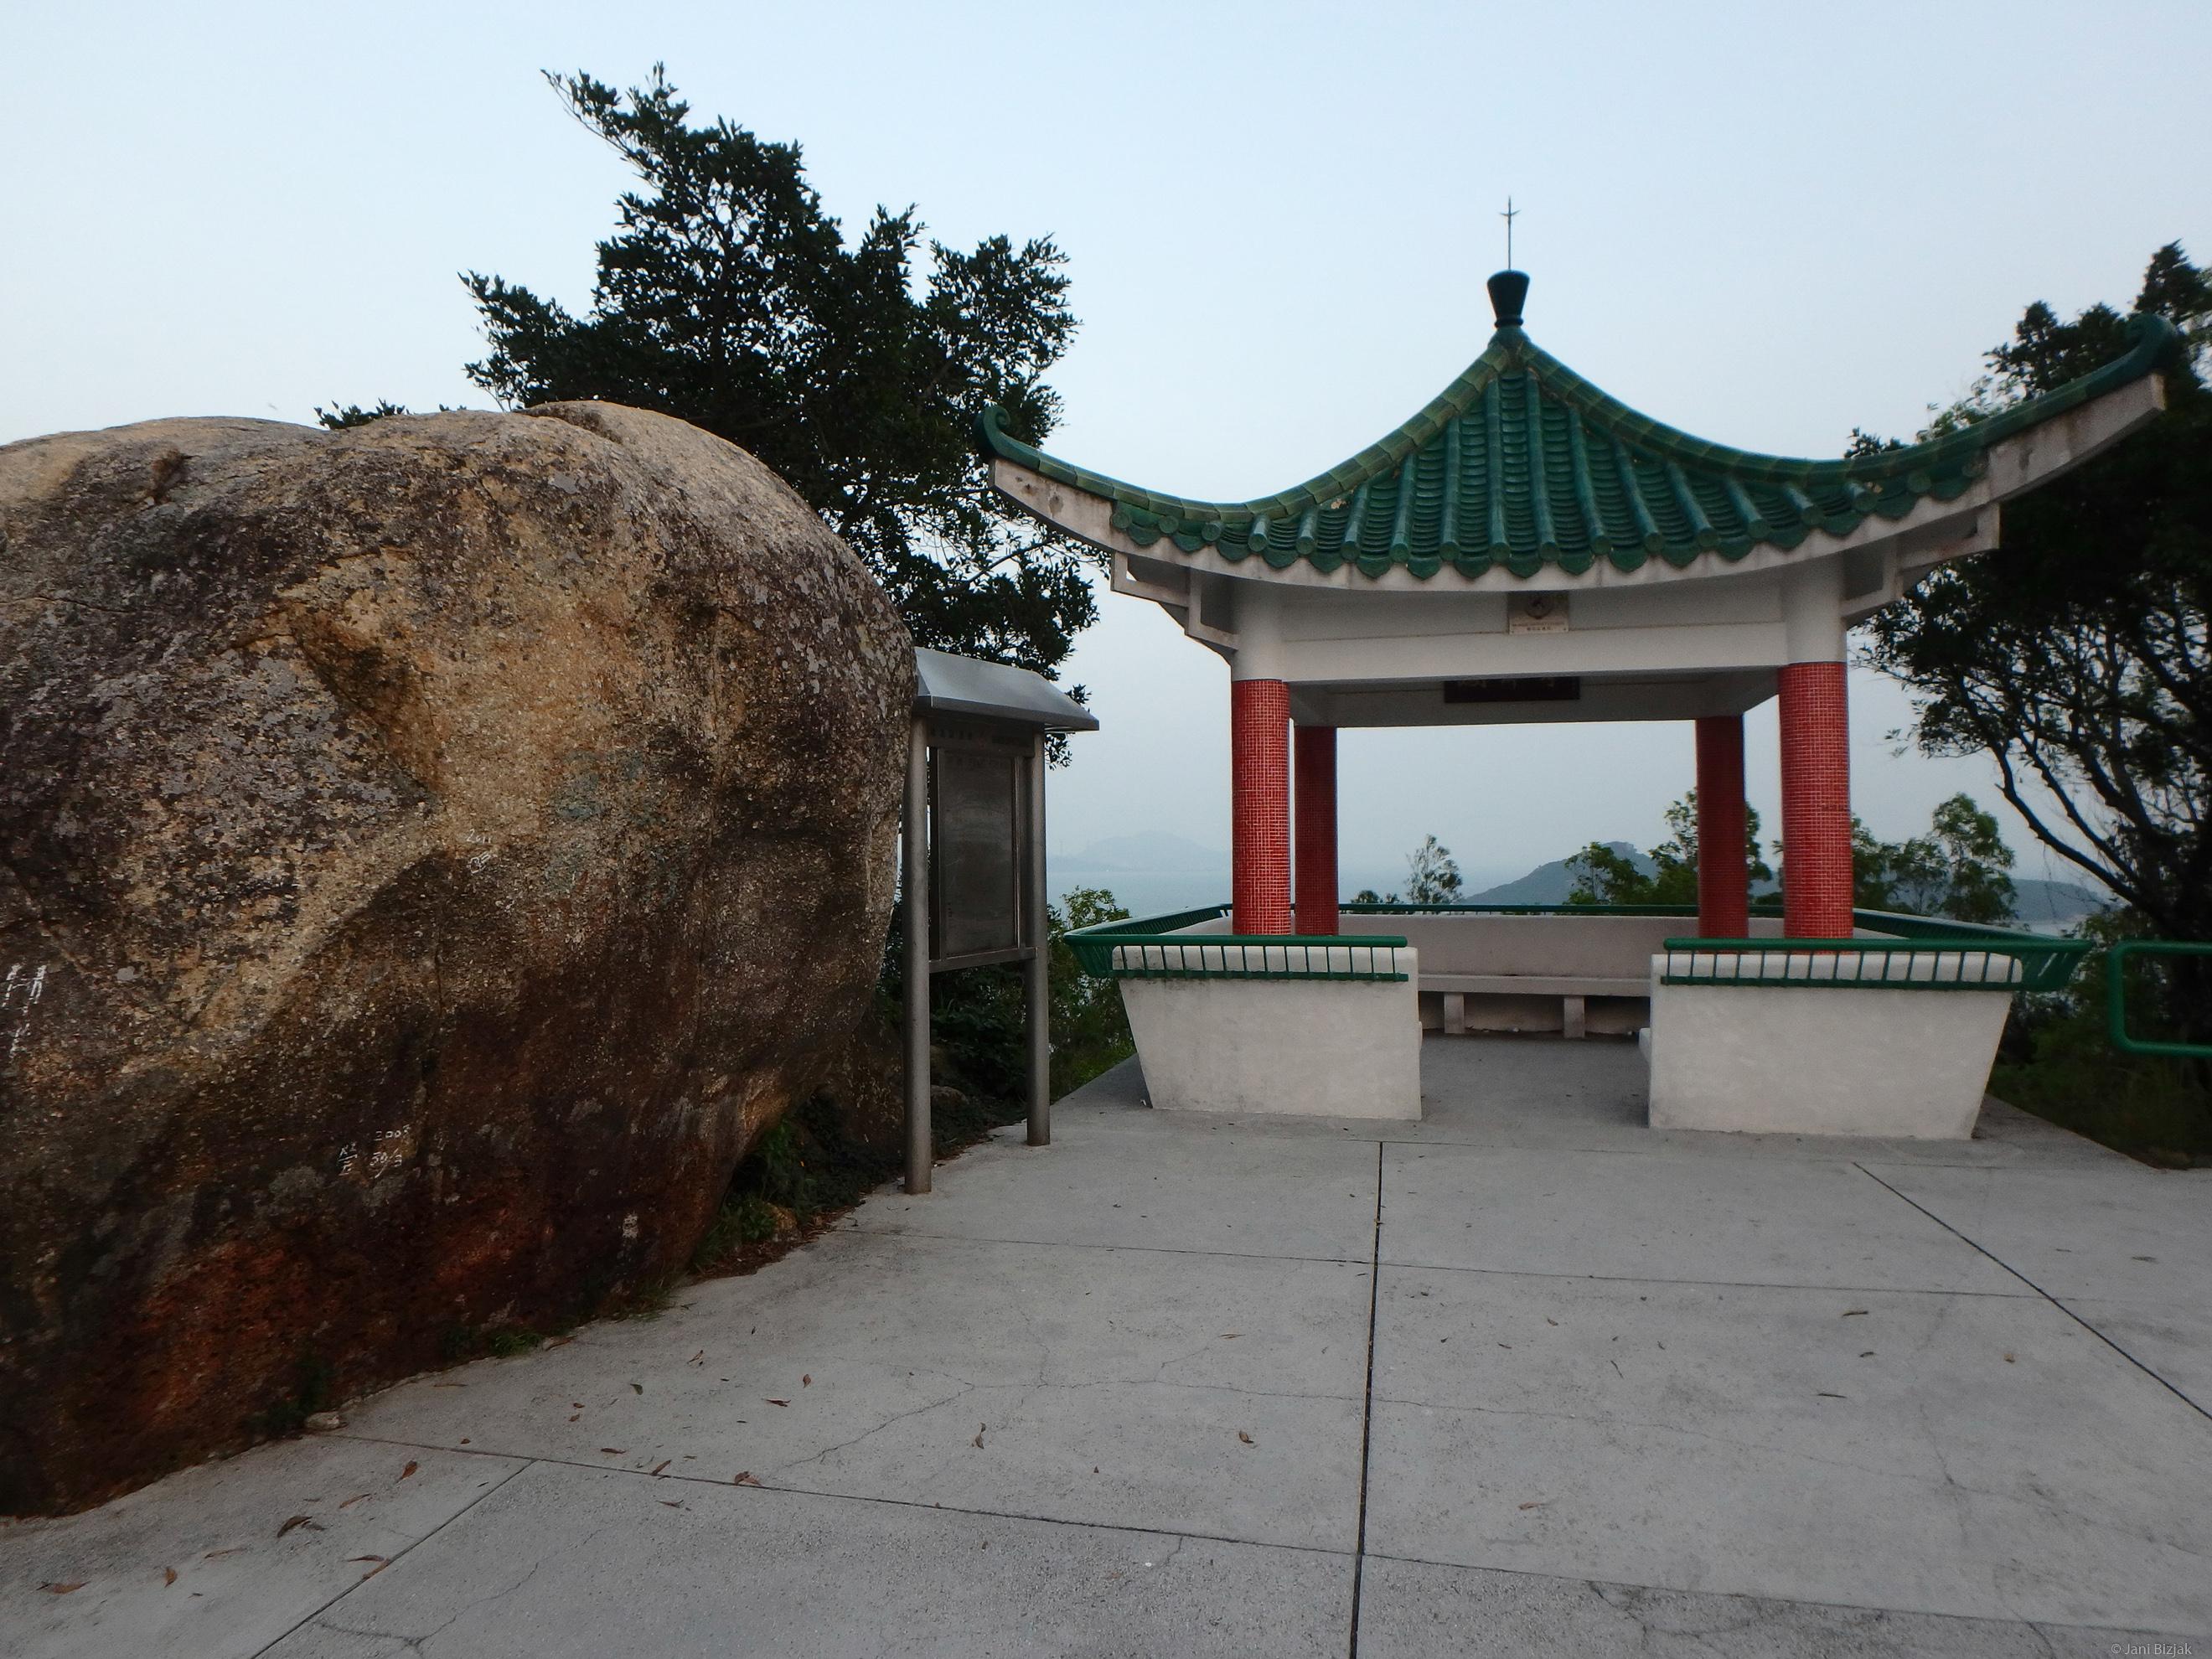 Top of Peng Chau